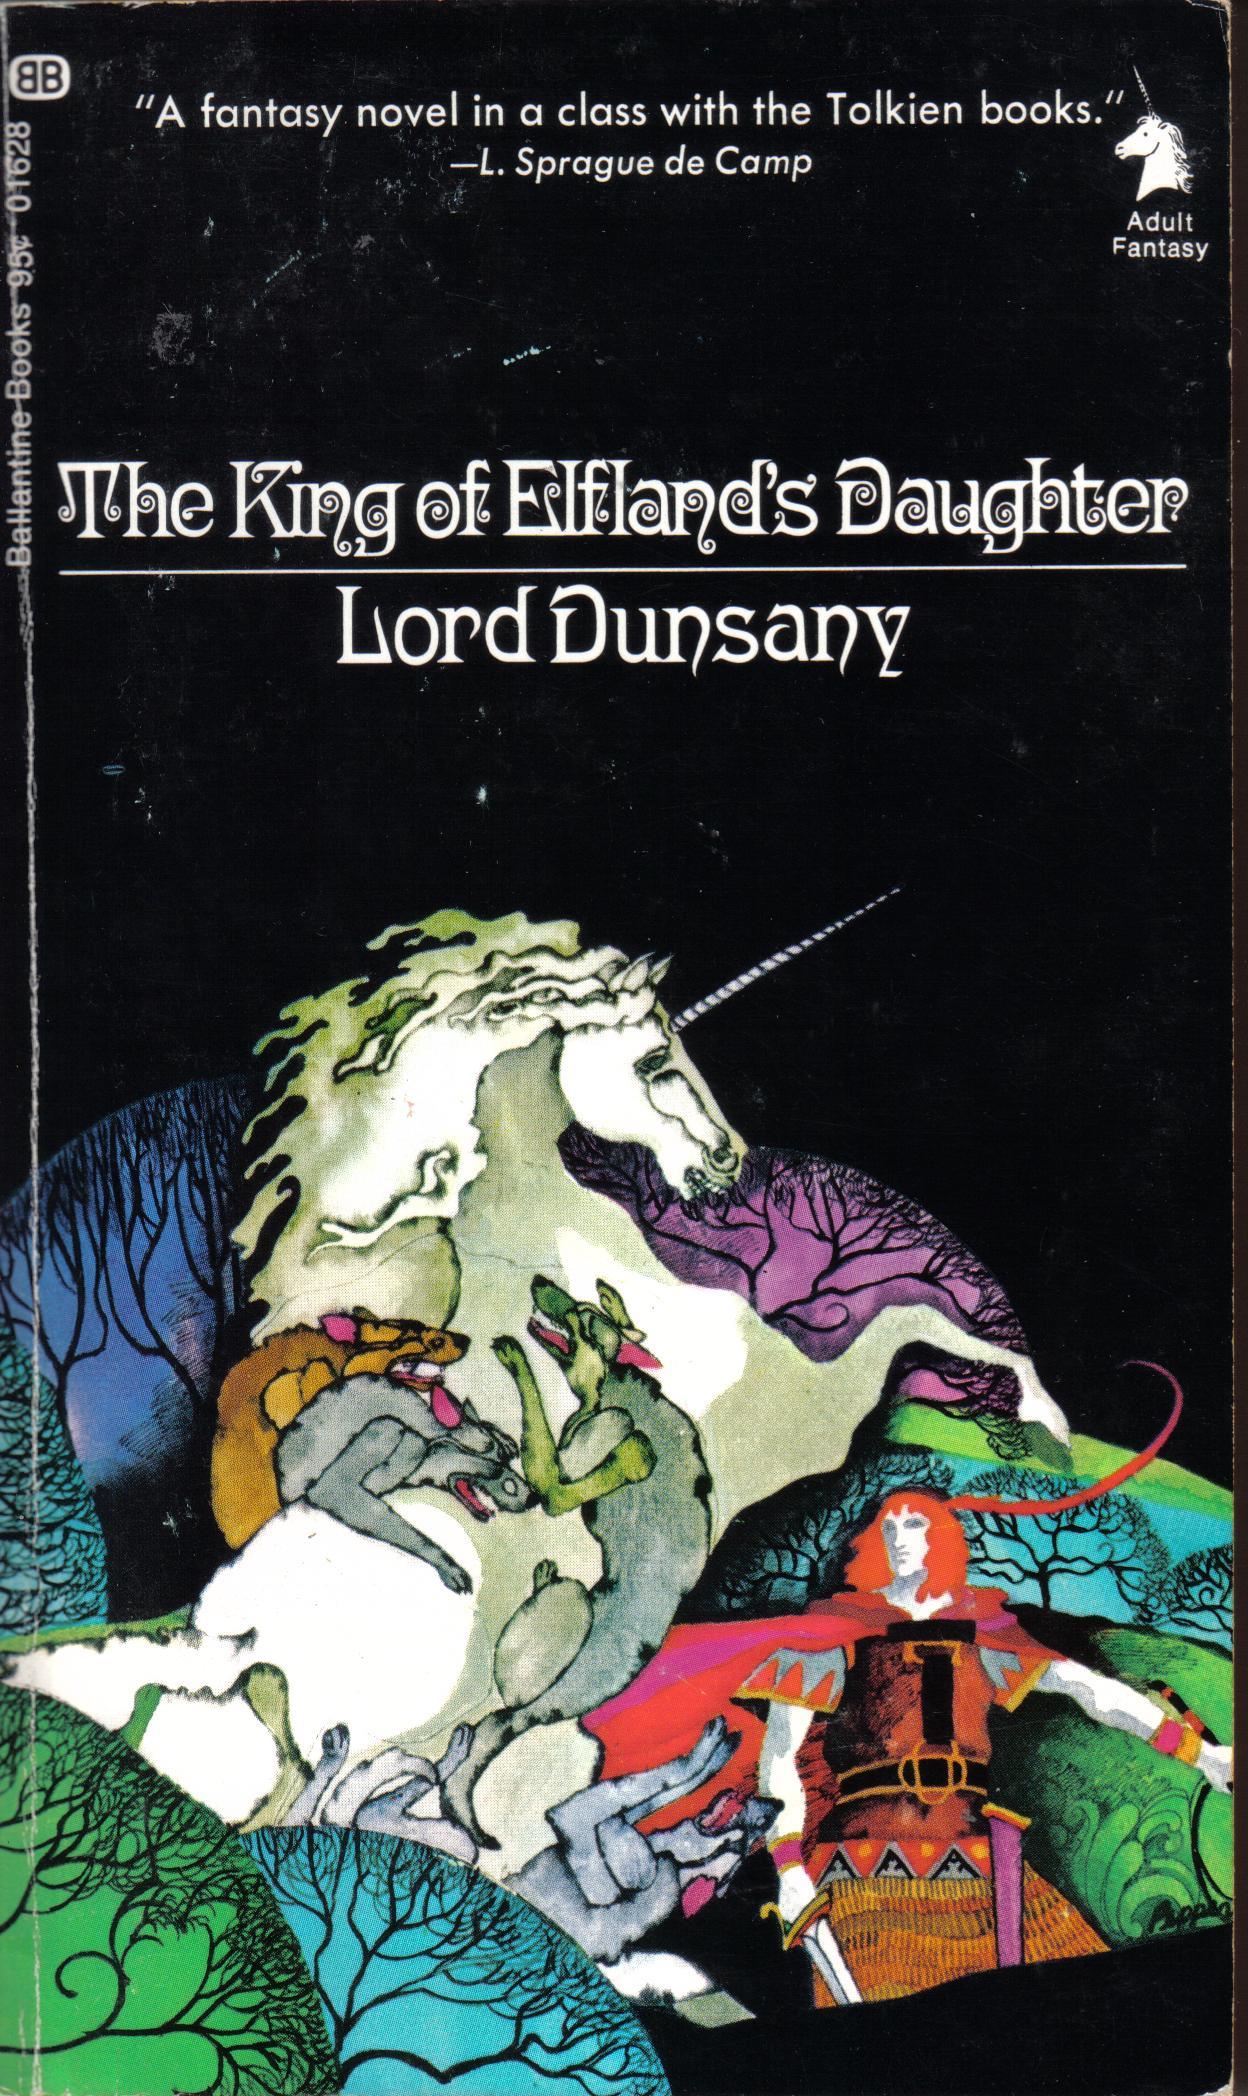 دختر شاه پریان (The King of Elfland's Daughter) | باشگاه کتابخوانی (۲)